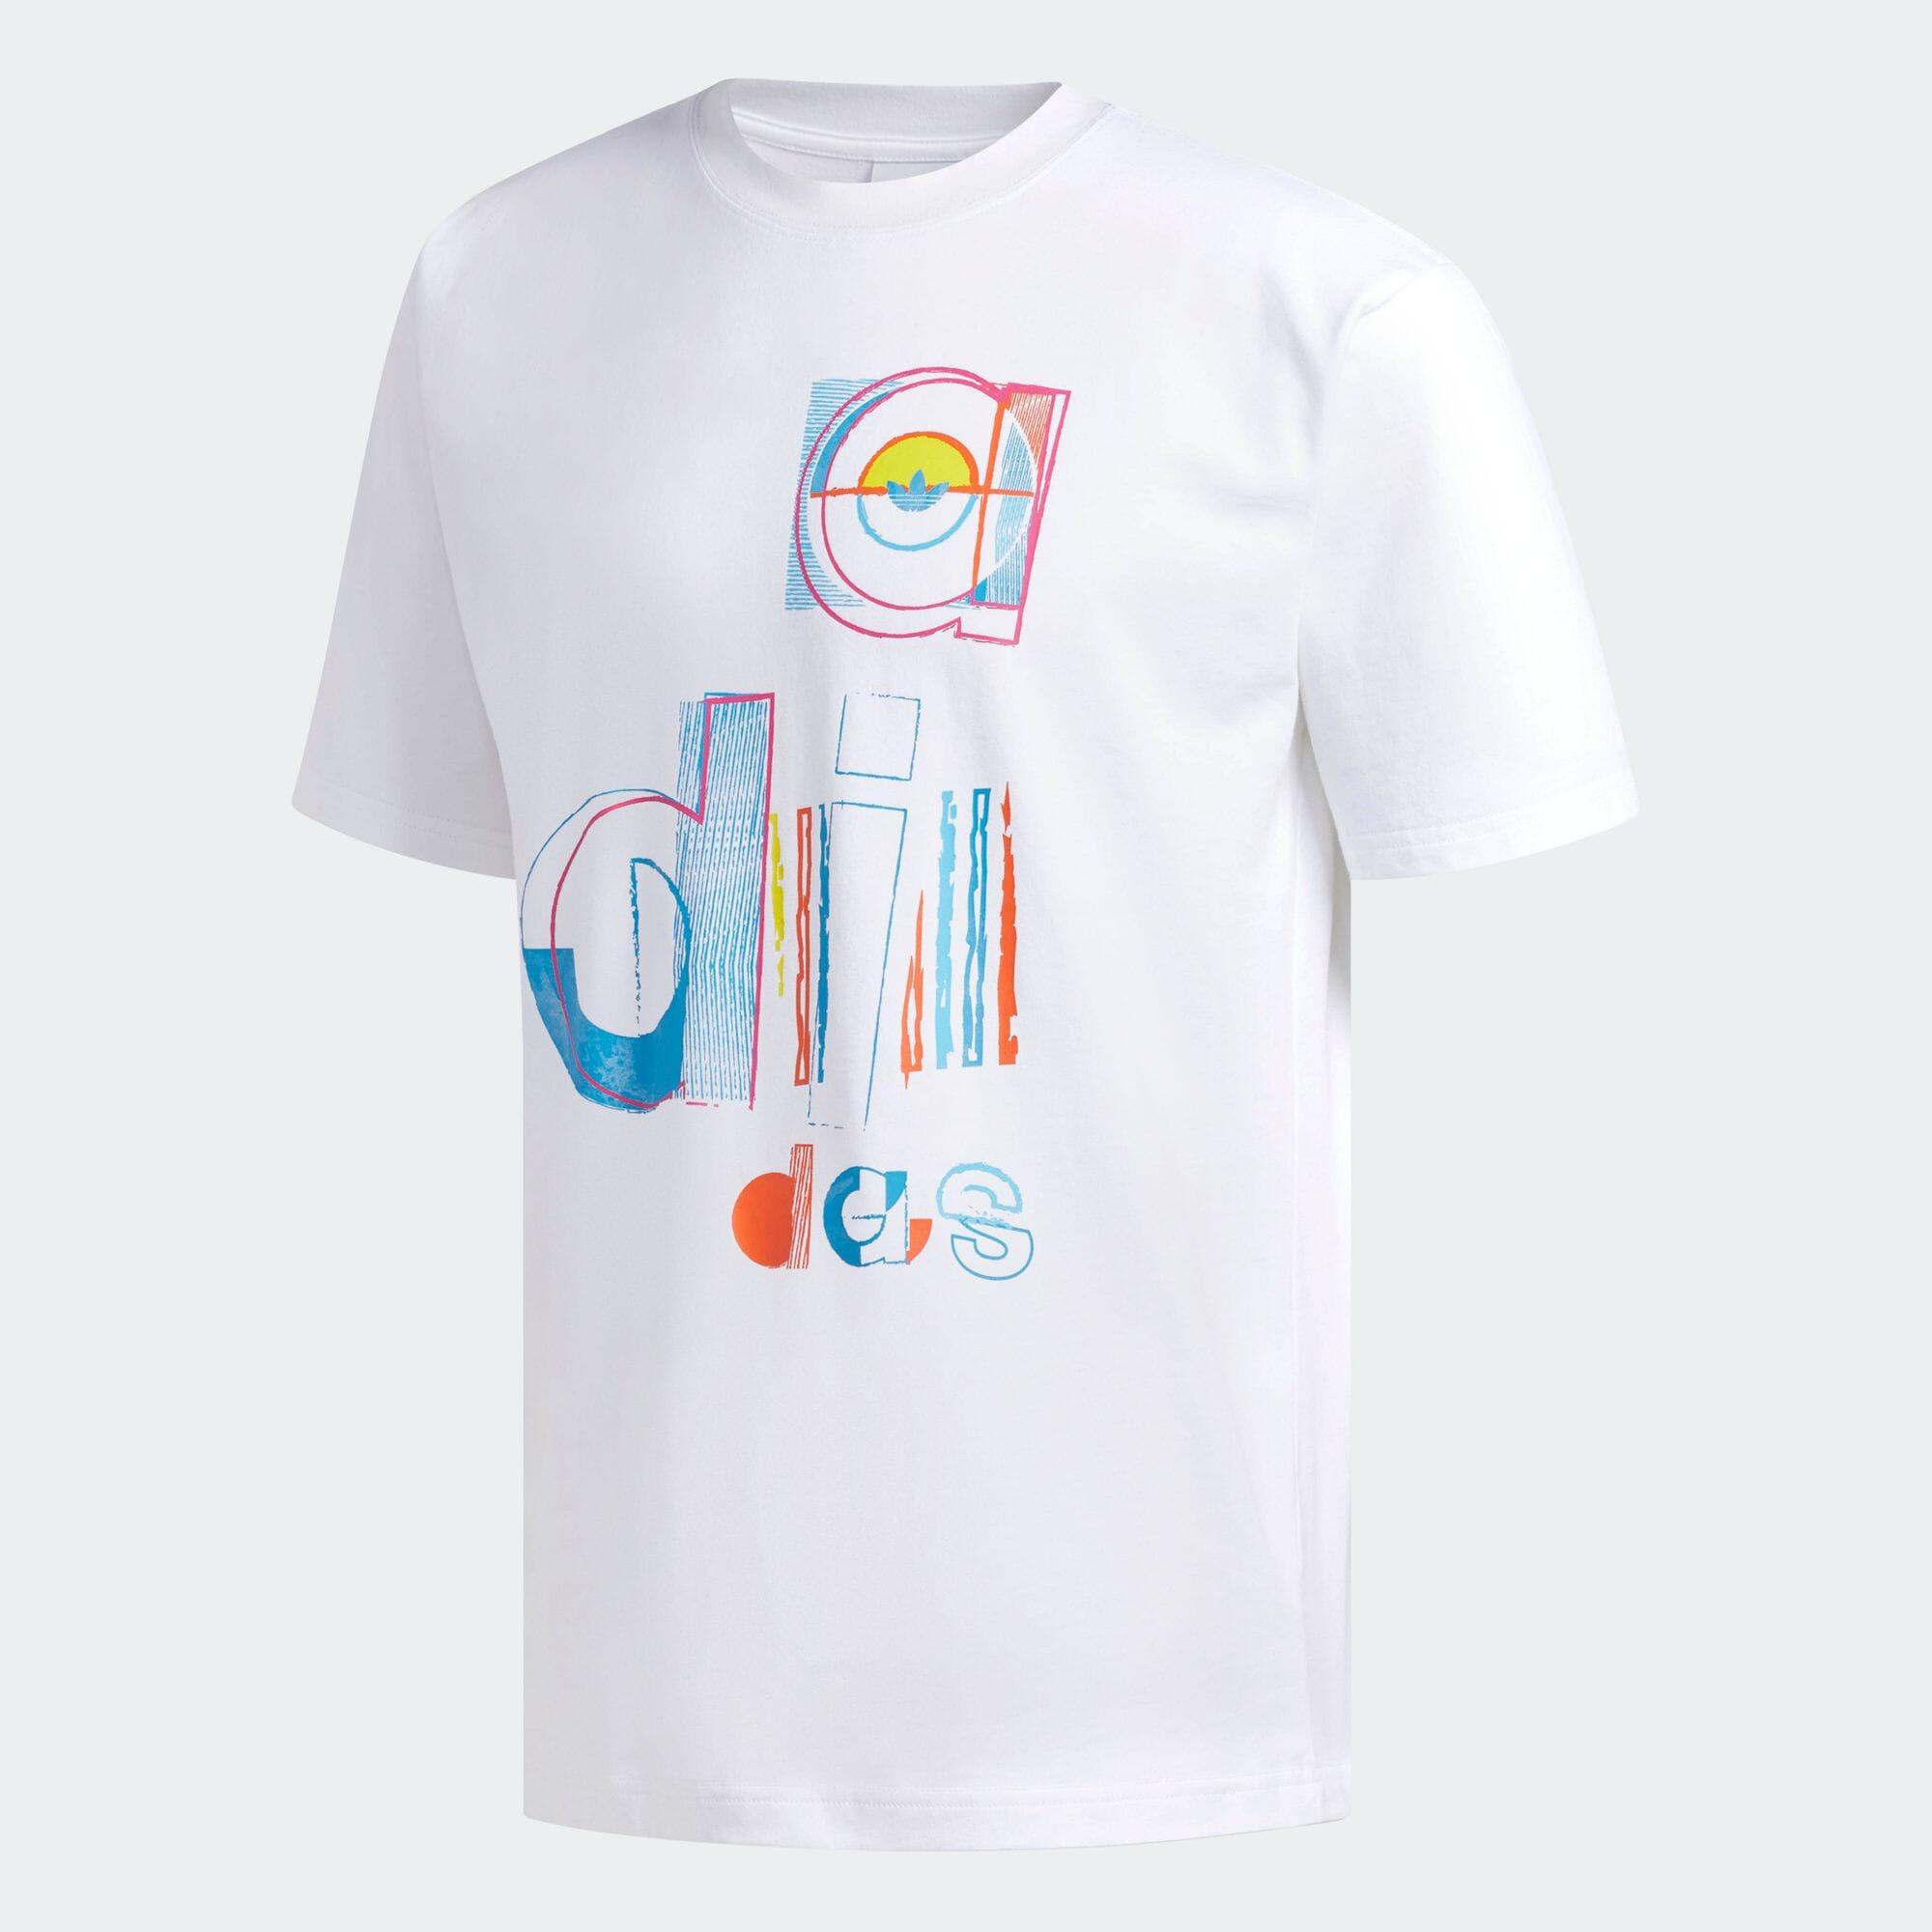 スプリット Adi Tシャツ [Split Adi Tee]